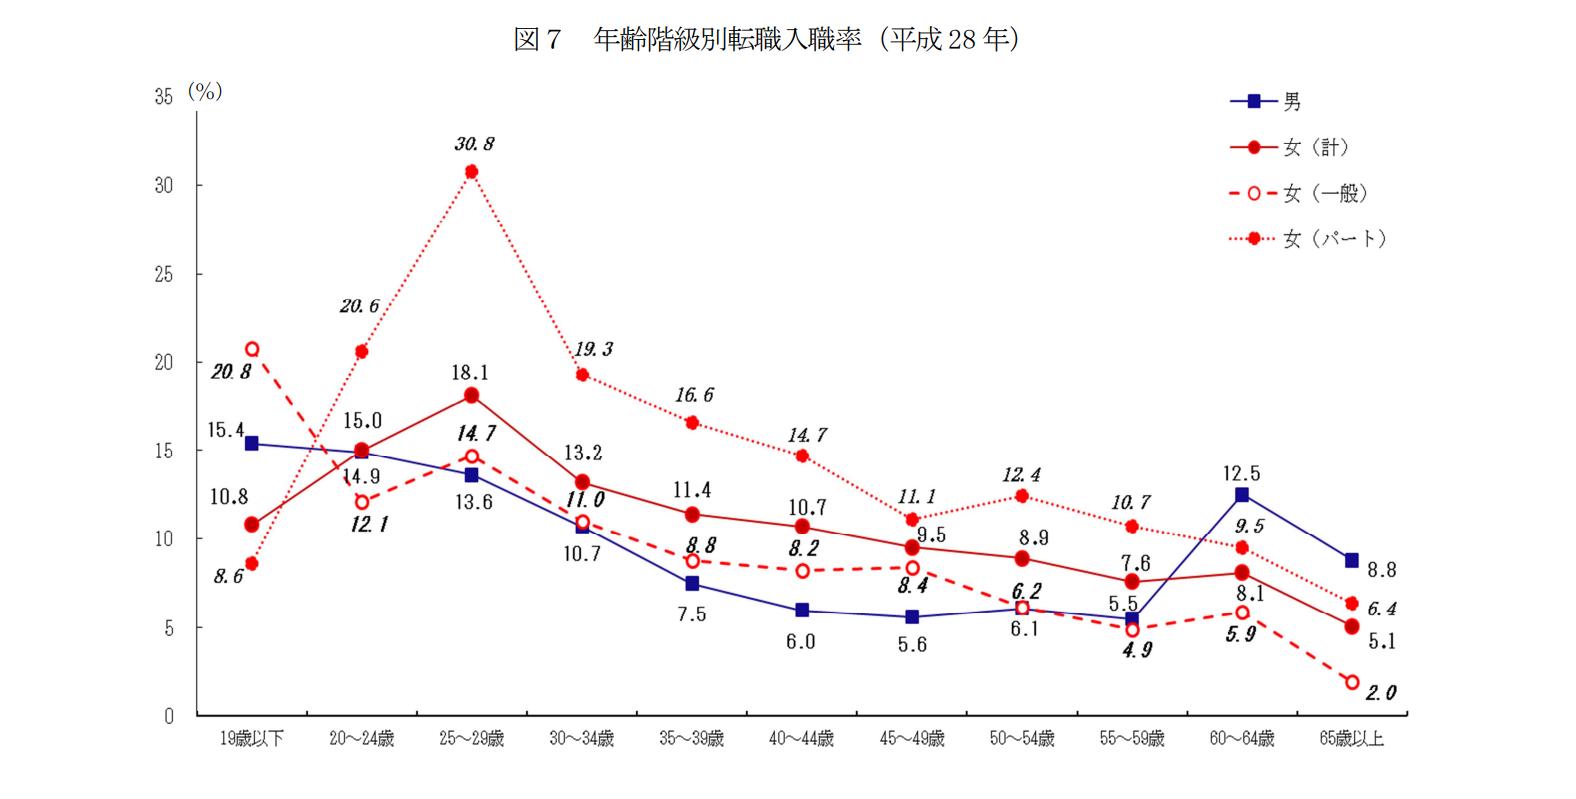 年齢階級別転職入職率のグラフ